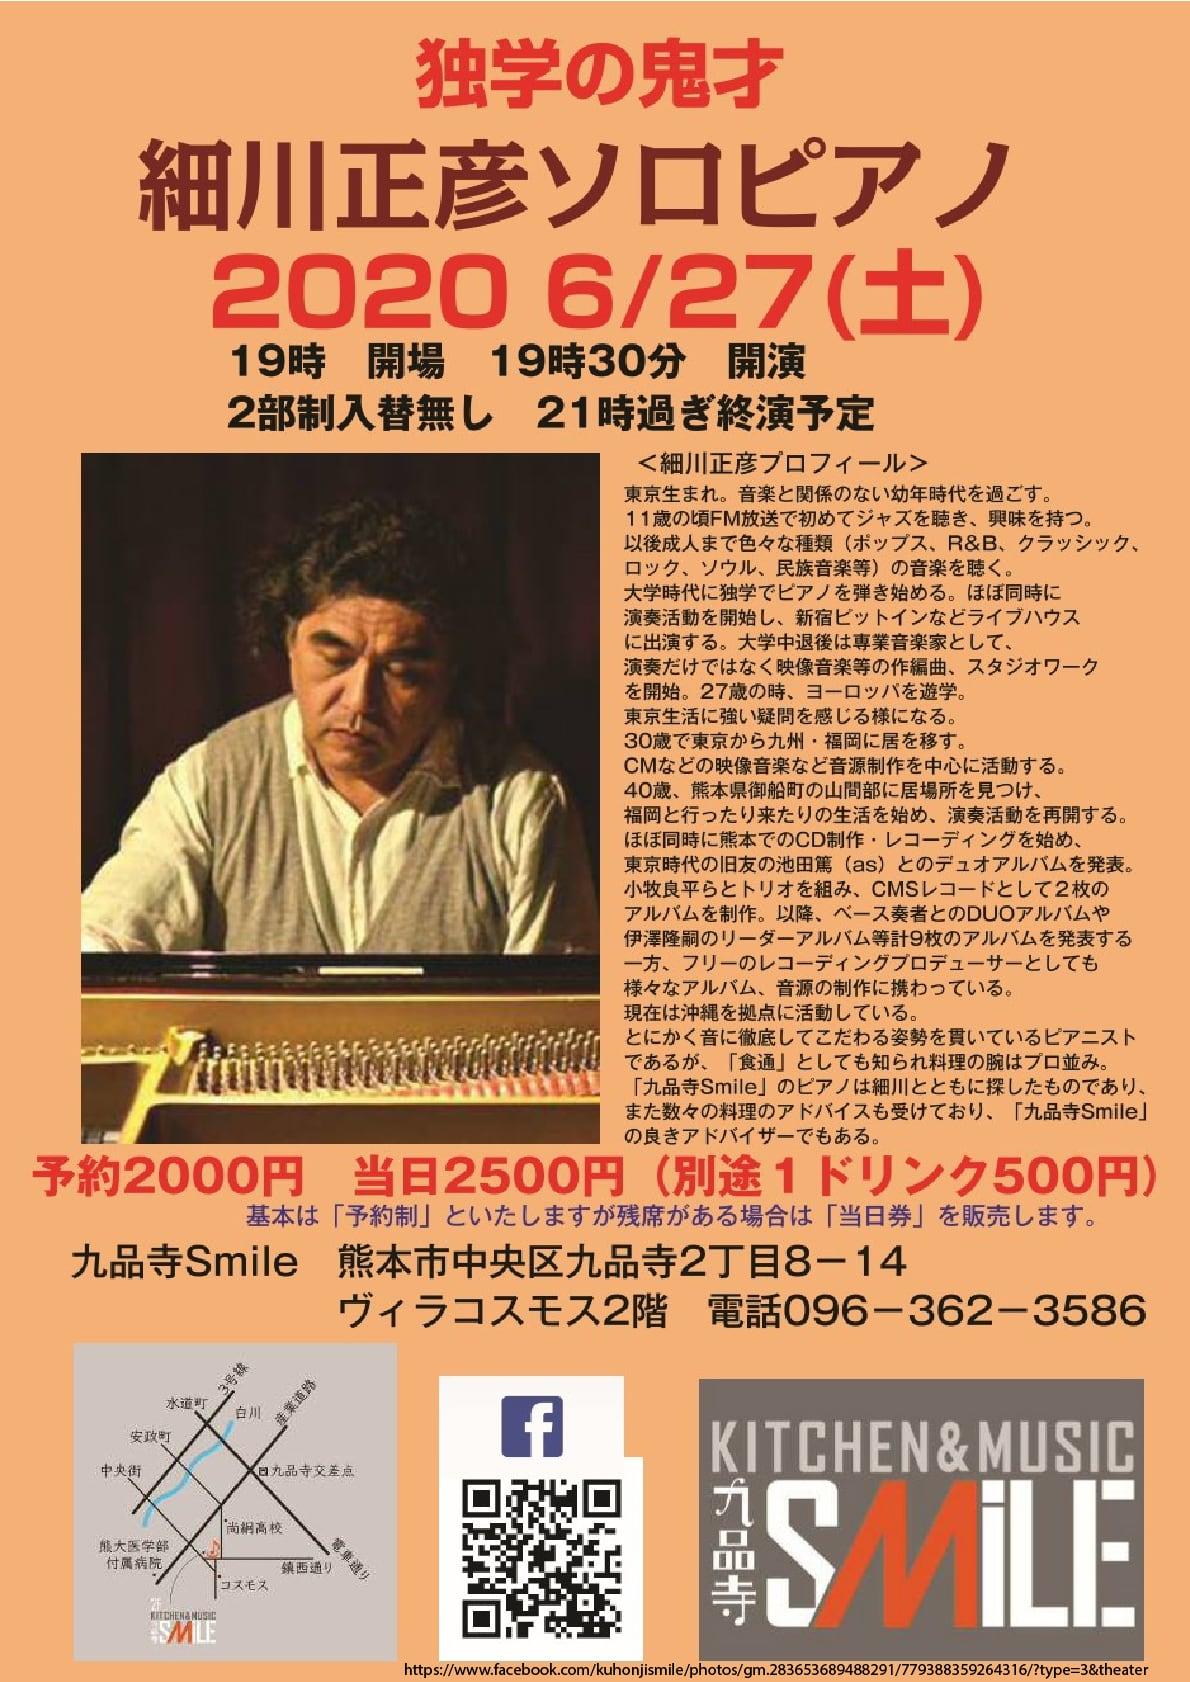 細川正彦ソロピアノ in 九品寺Smile チラシ1